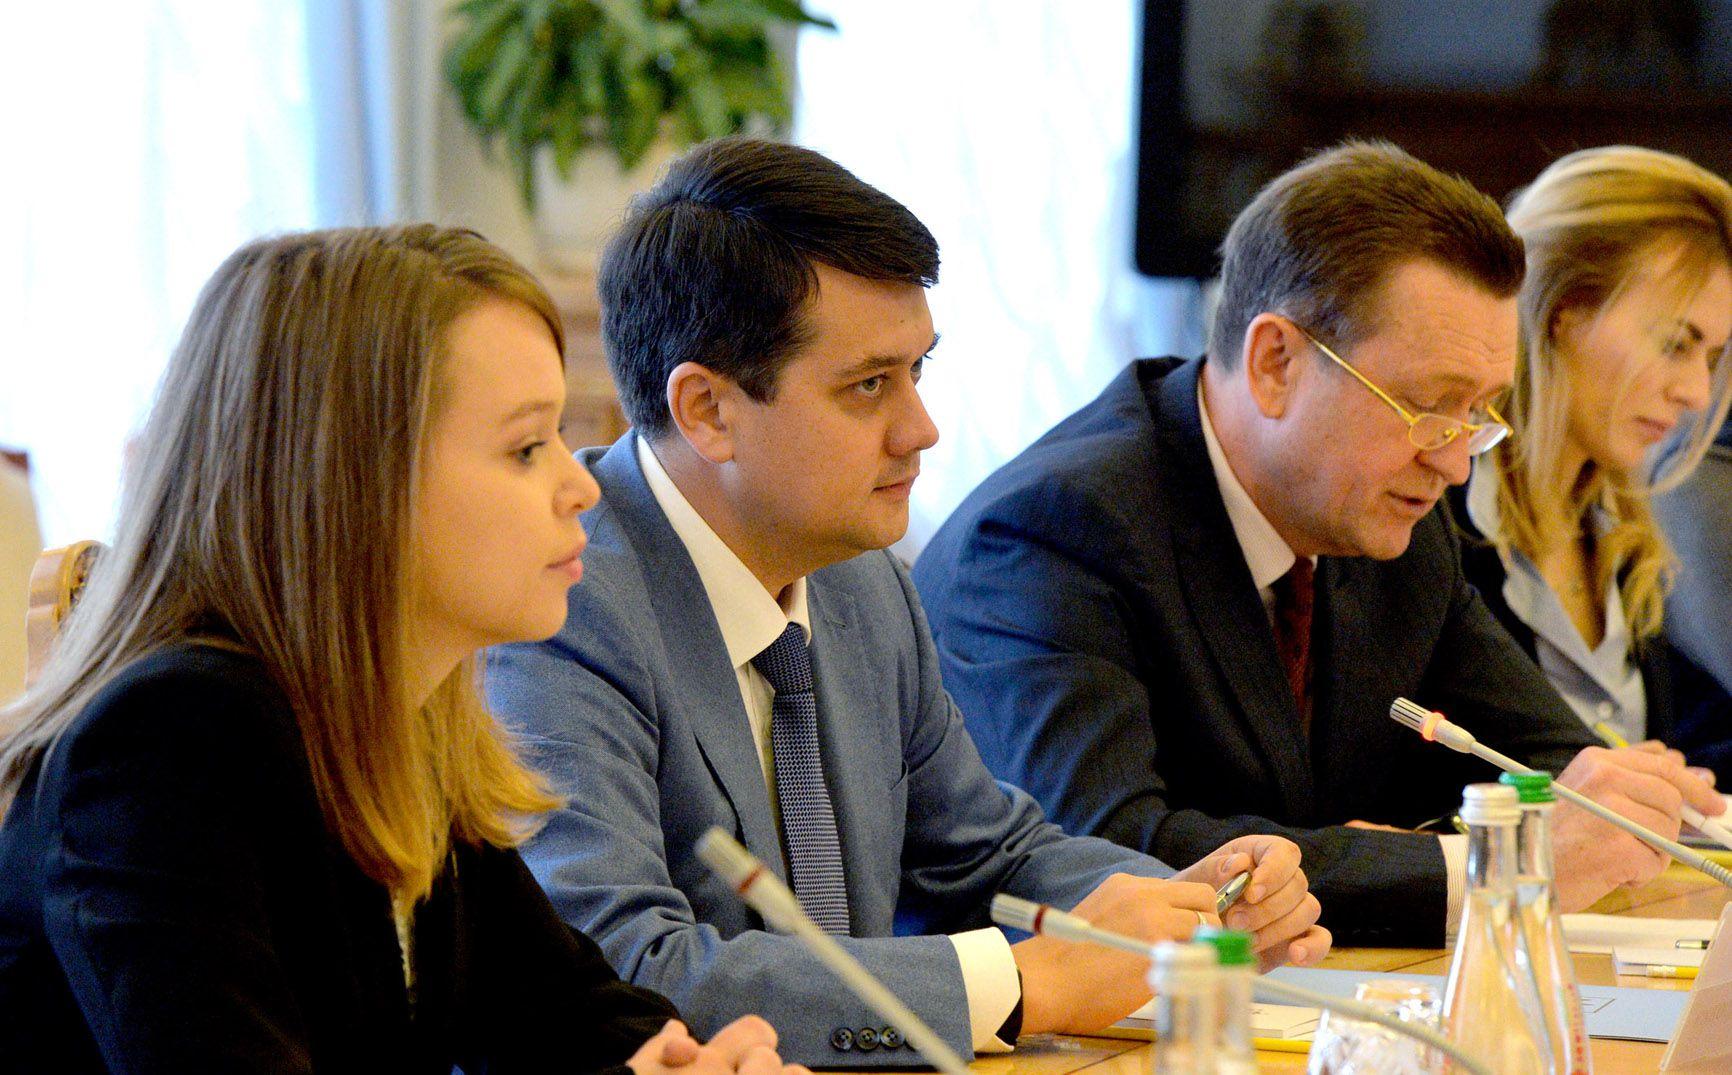 Solo mediante esfuerzos conjuntos se puede preservar los principios del Consejo de Europa